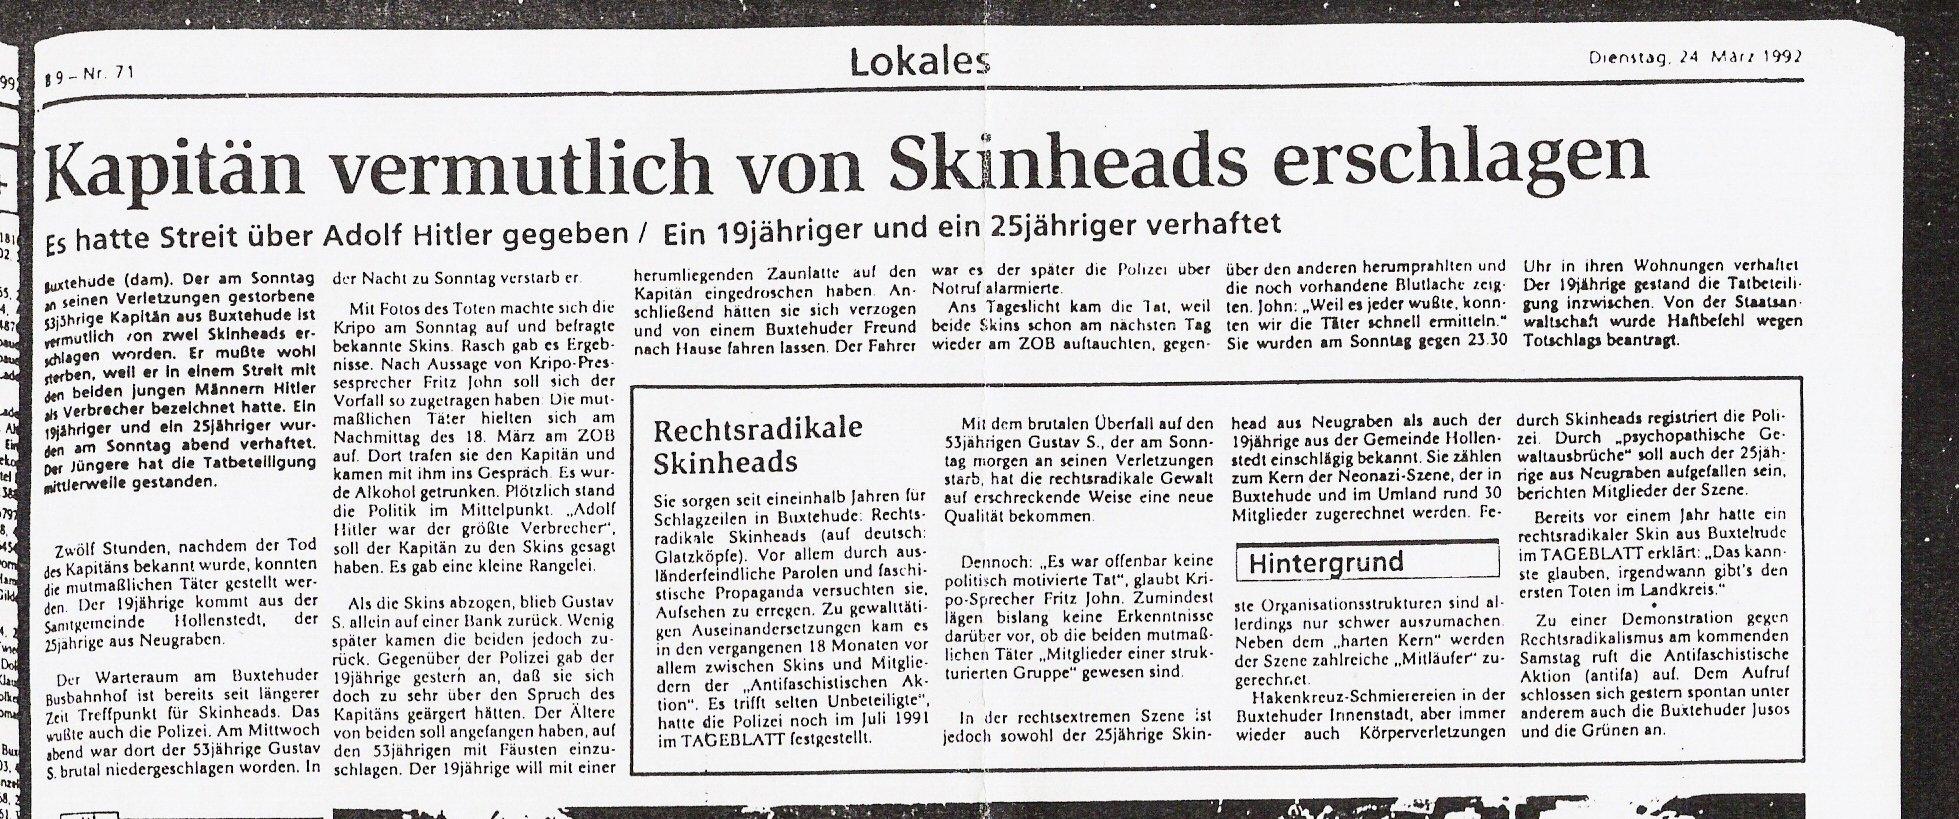 Tageblatt 24.03.1992